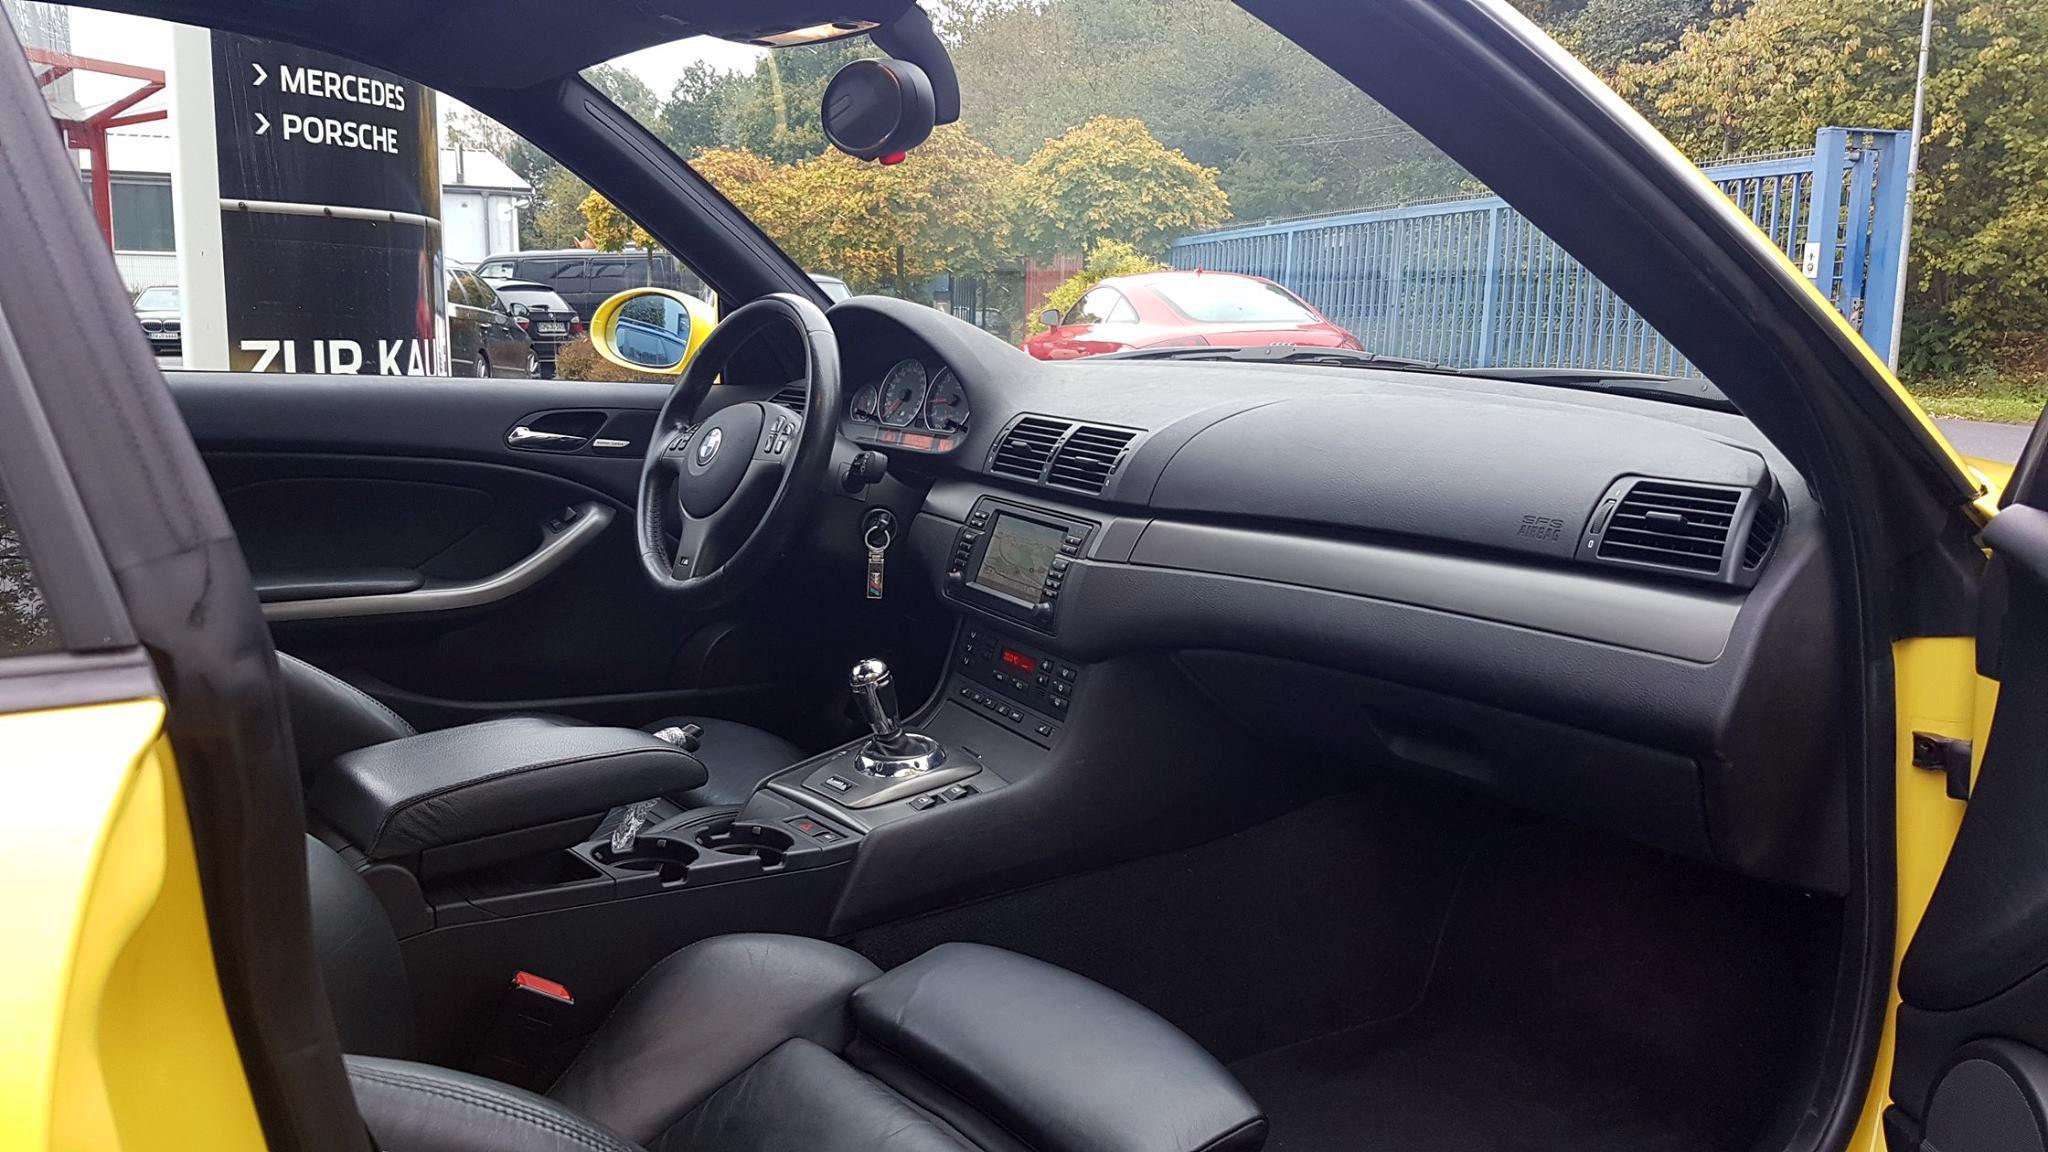 BMW E46 M3 bis auf den Motor in exzellentem Zustand